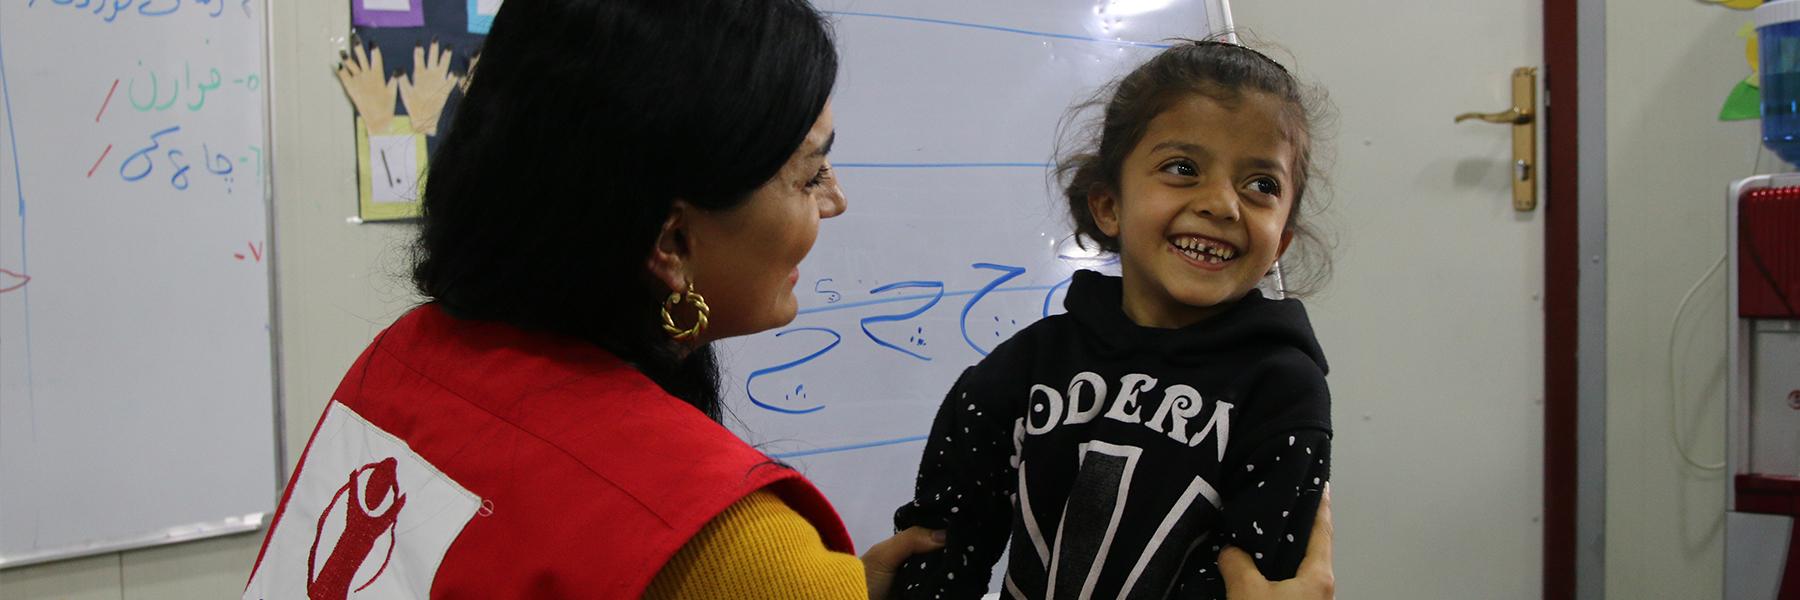 Autamme lapsia <br>Syyriassa ja lähialueilla